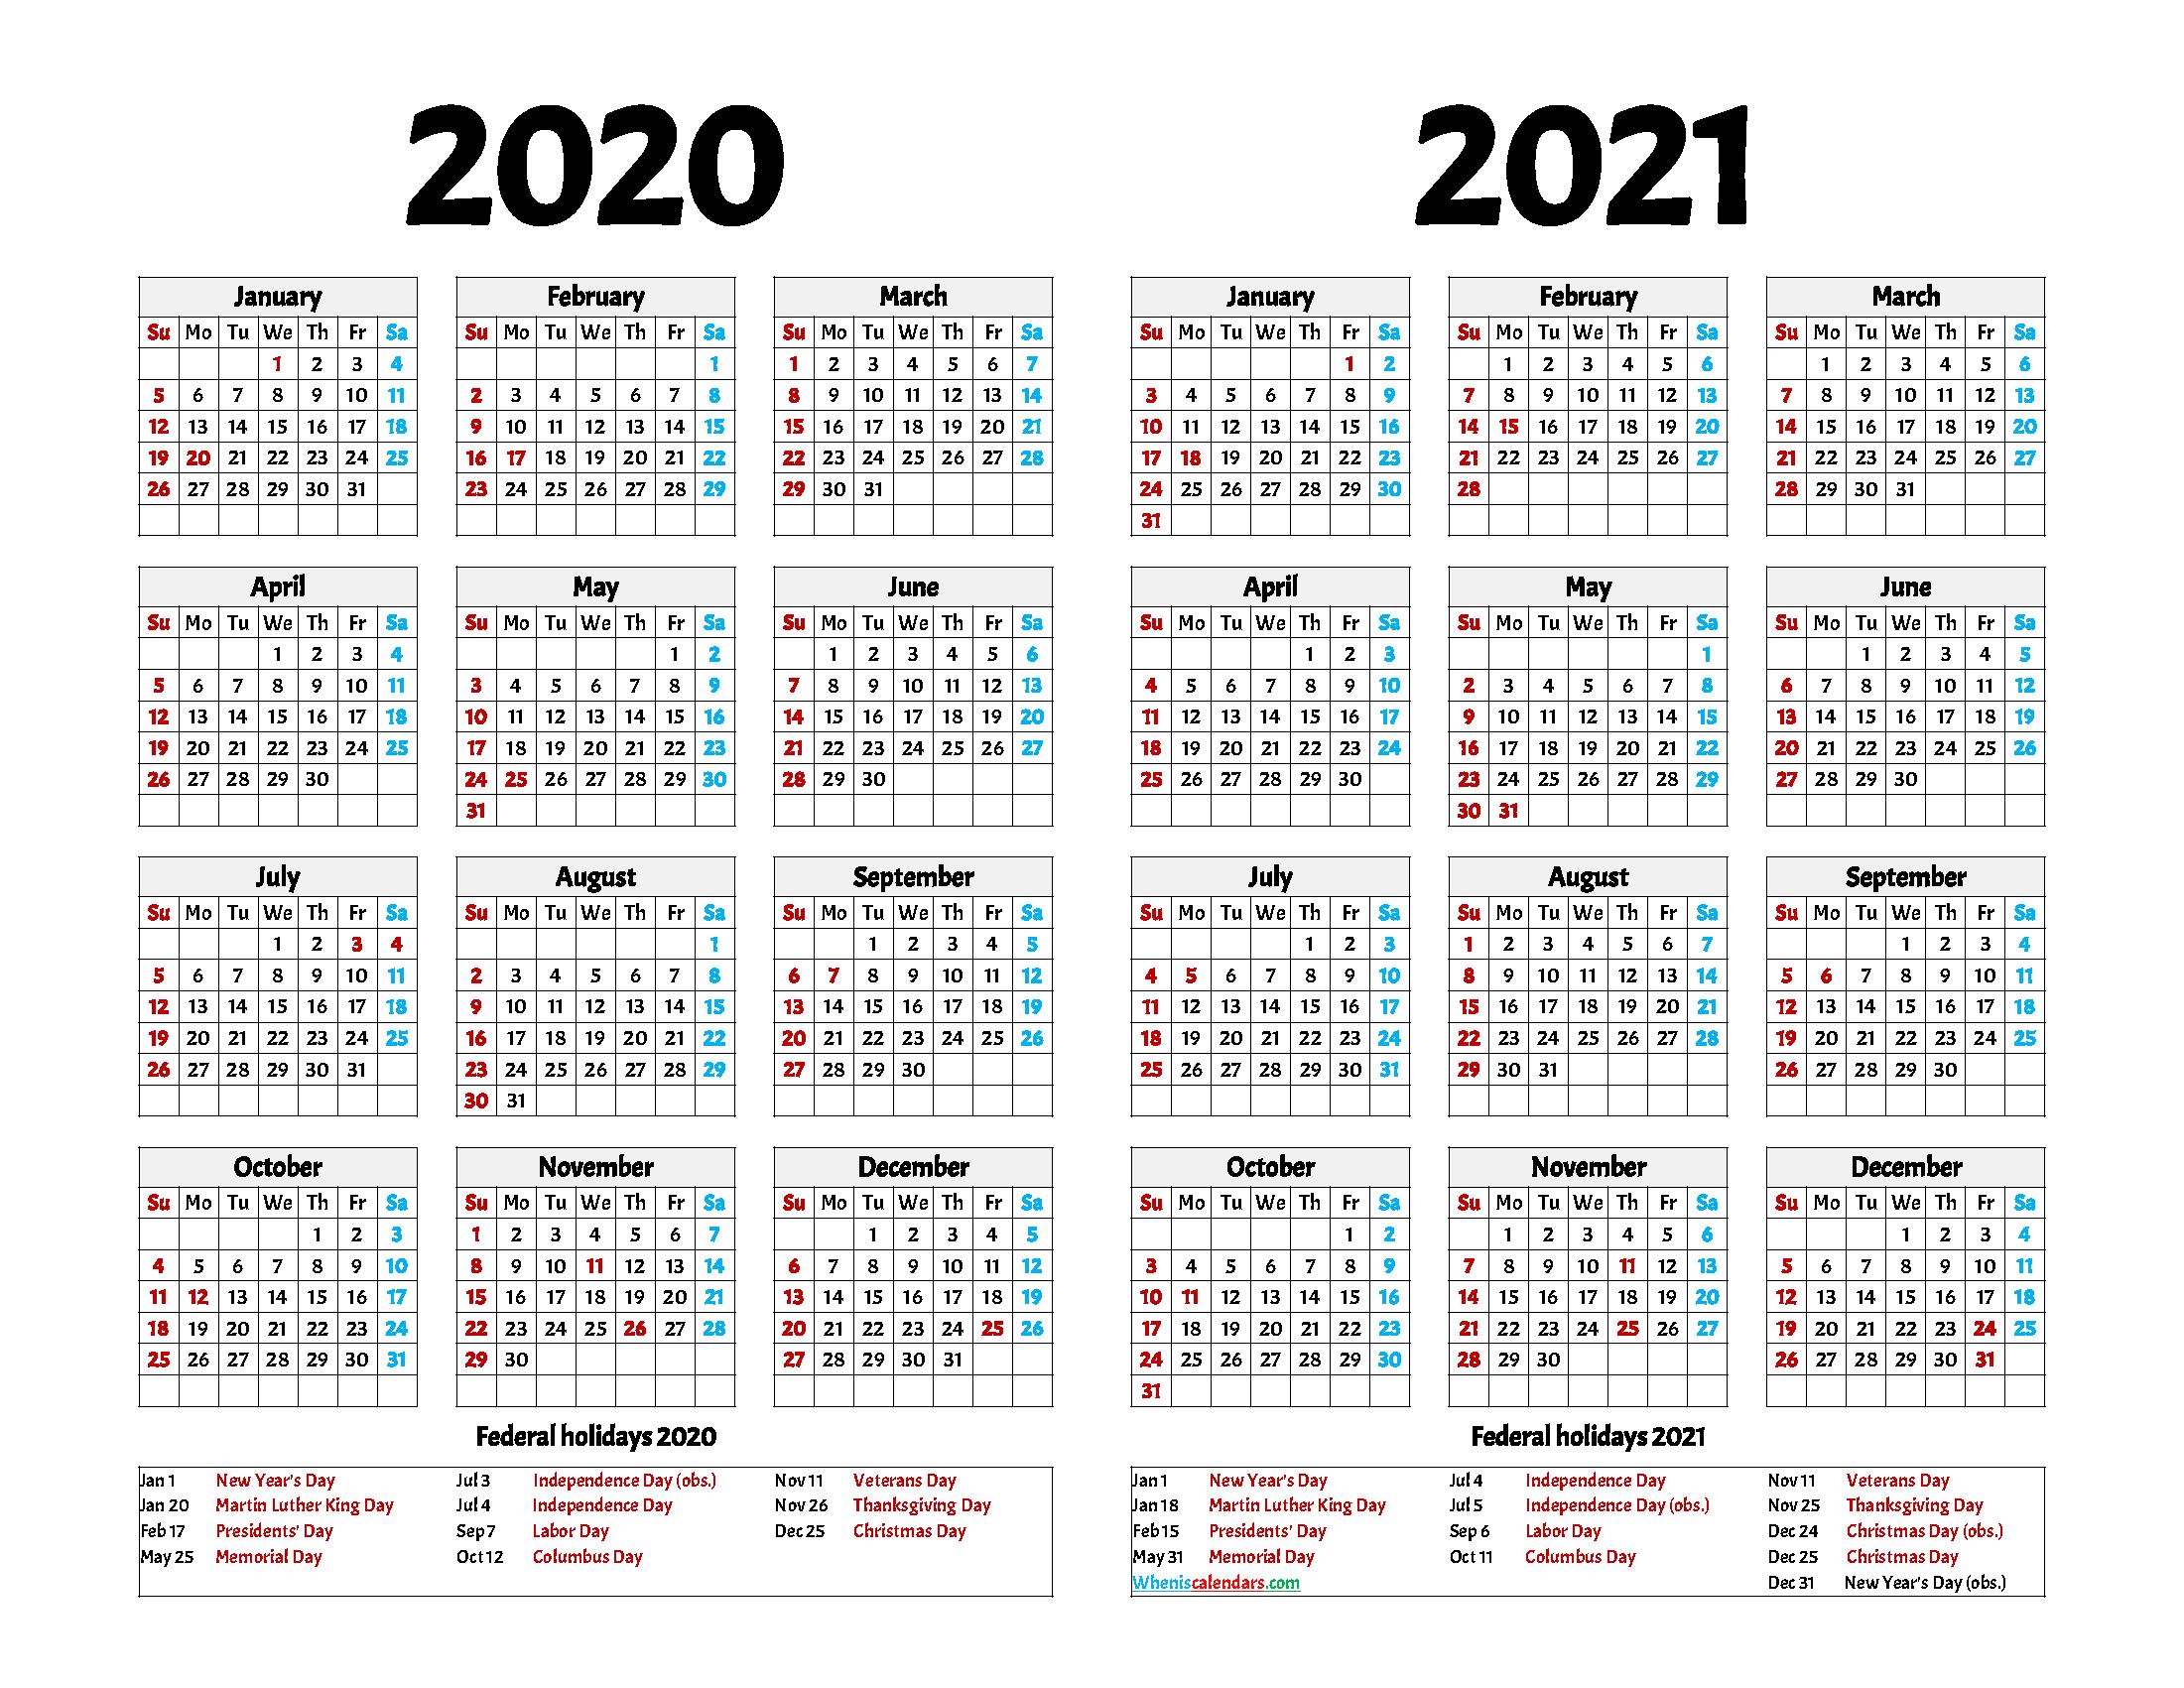 Printable Calendar 2020 and 2021